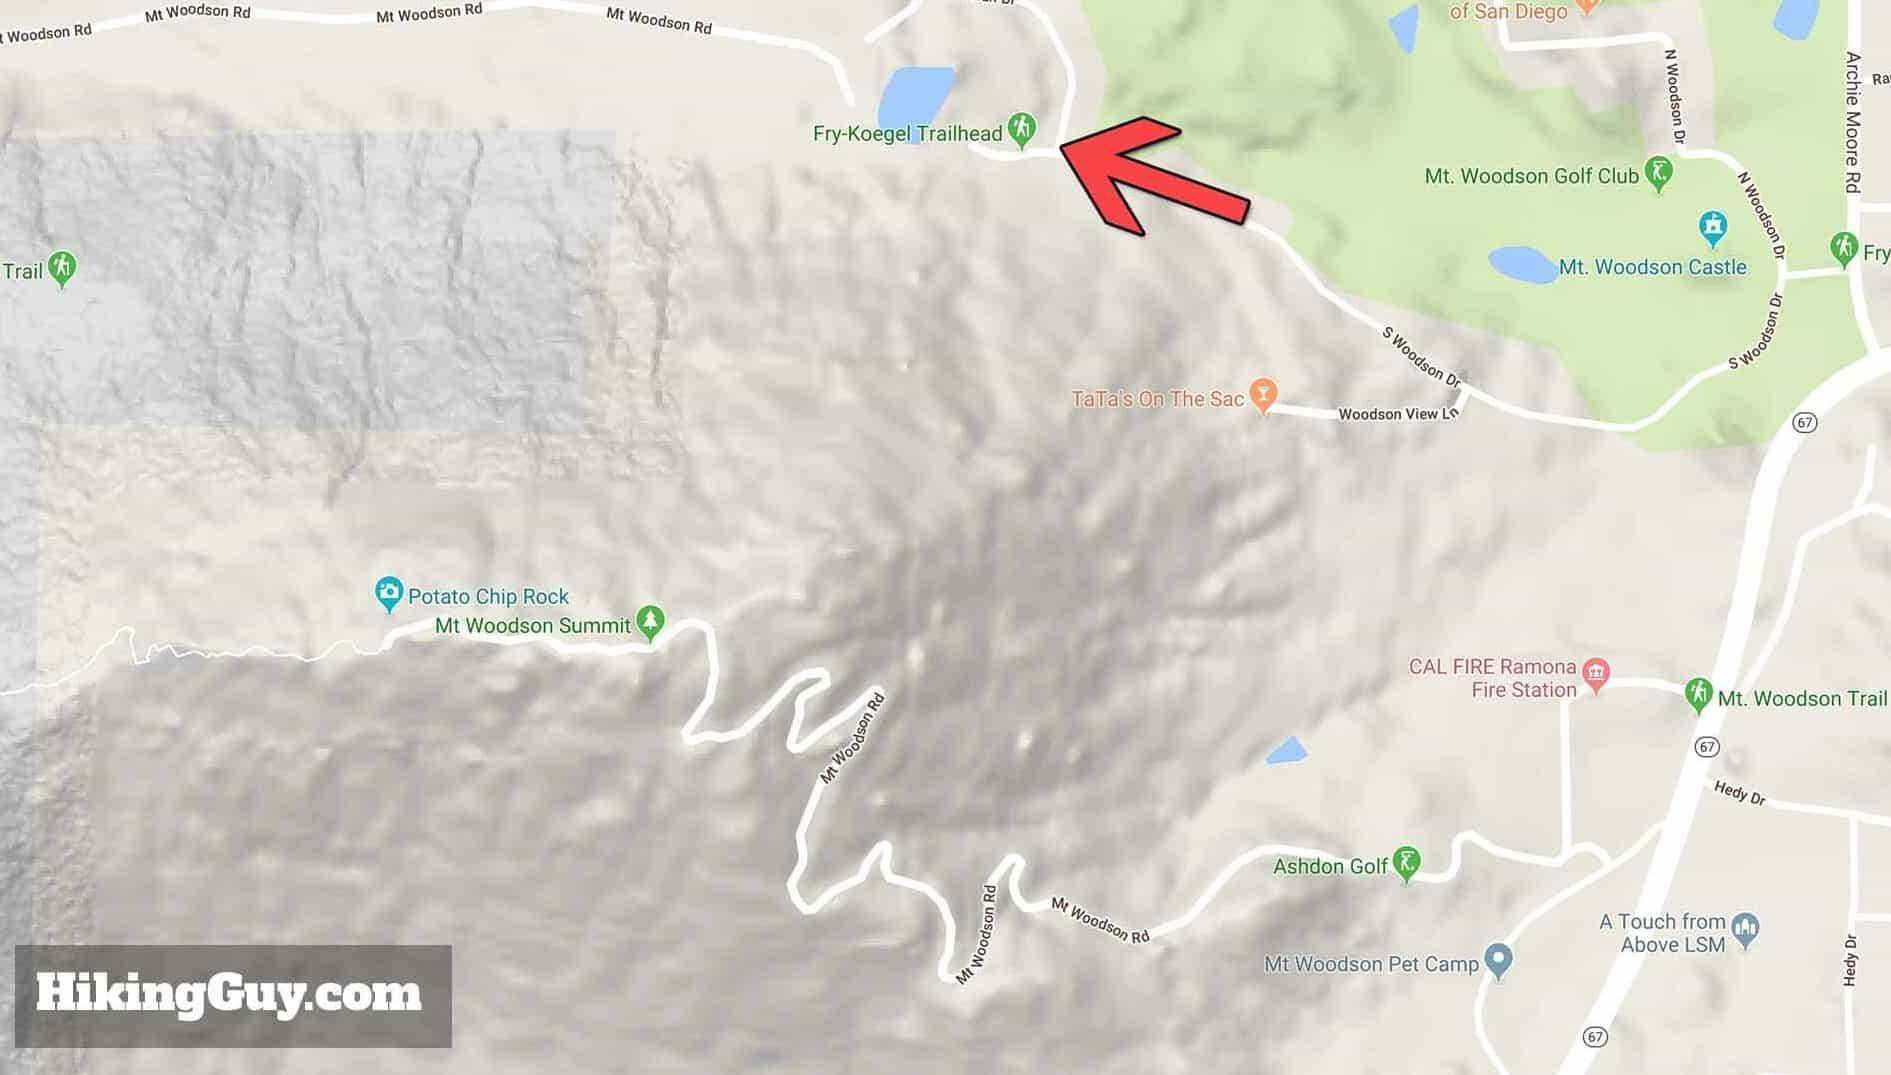 Best Way To Hike Potato Chip Rock (San Diego) - HikingGuy.com